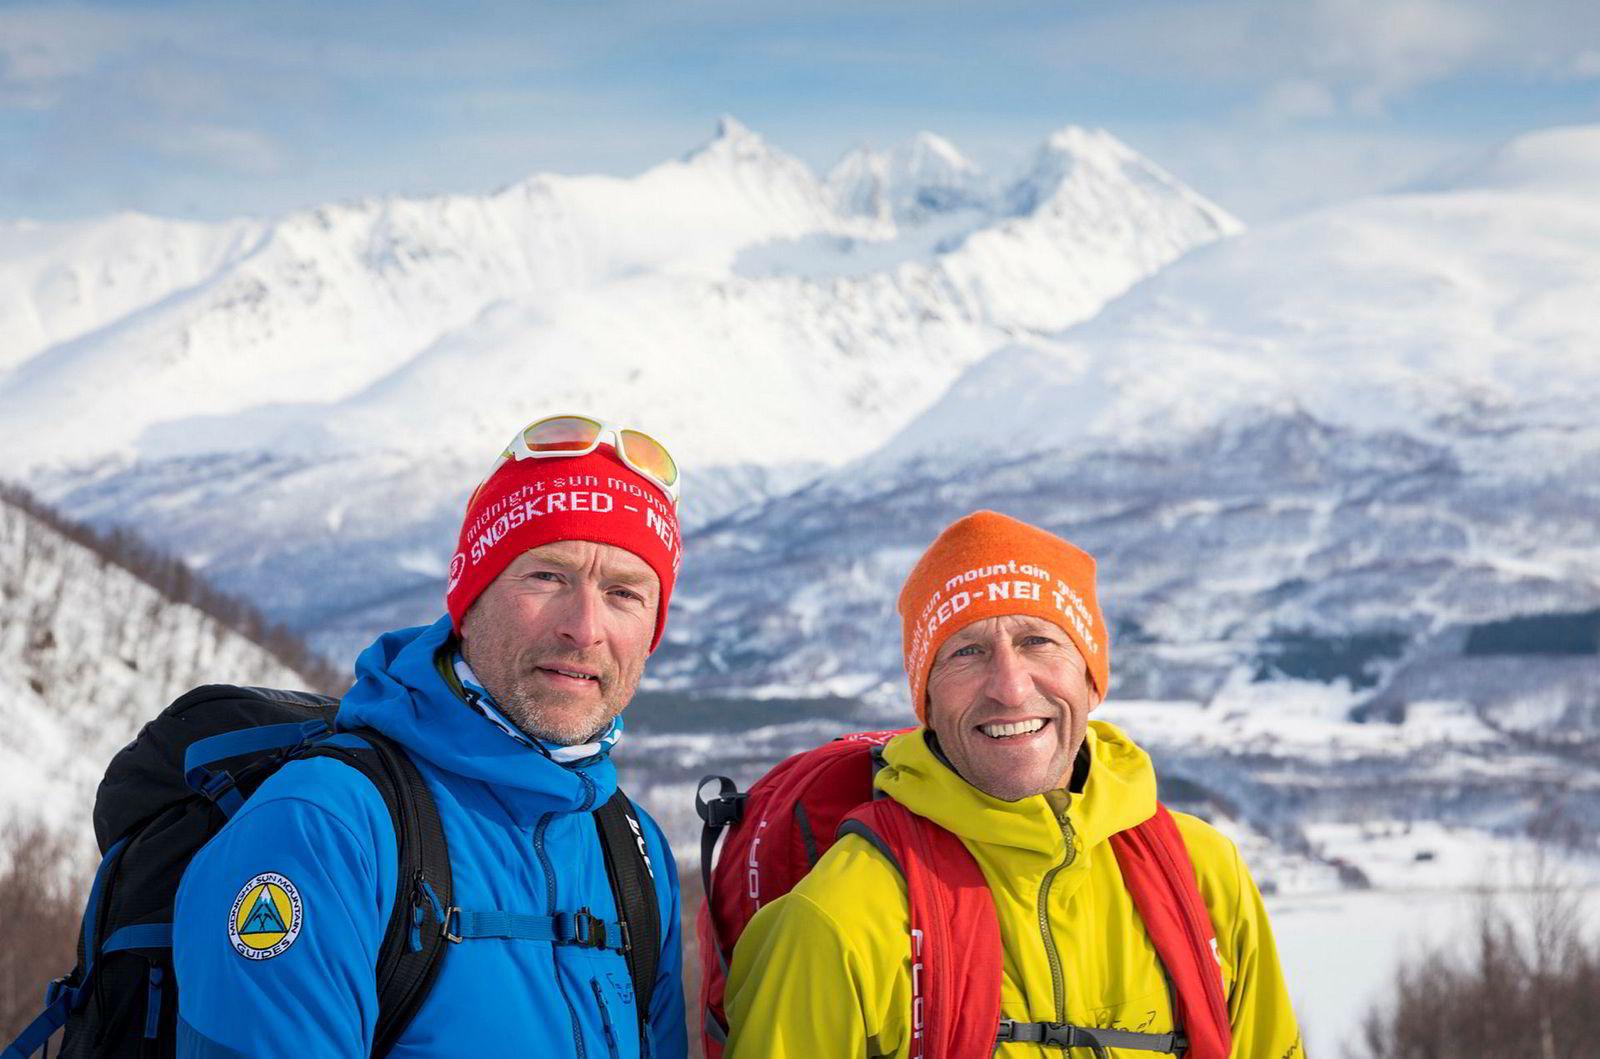 Espen Nordahl ved Nasjonalt kompetansesenter for snøskred i Tromsø (t.h.) og Torben Rognmo som er en av de faste rapportørene til skredvarslingen Varsom.no, på vei opp til Tromsdalstinden.